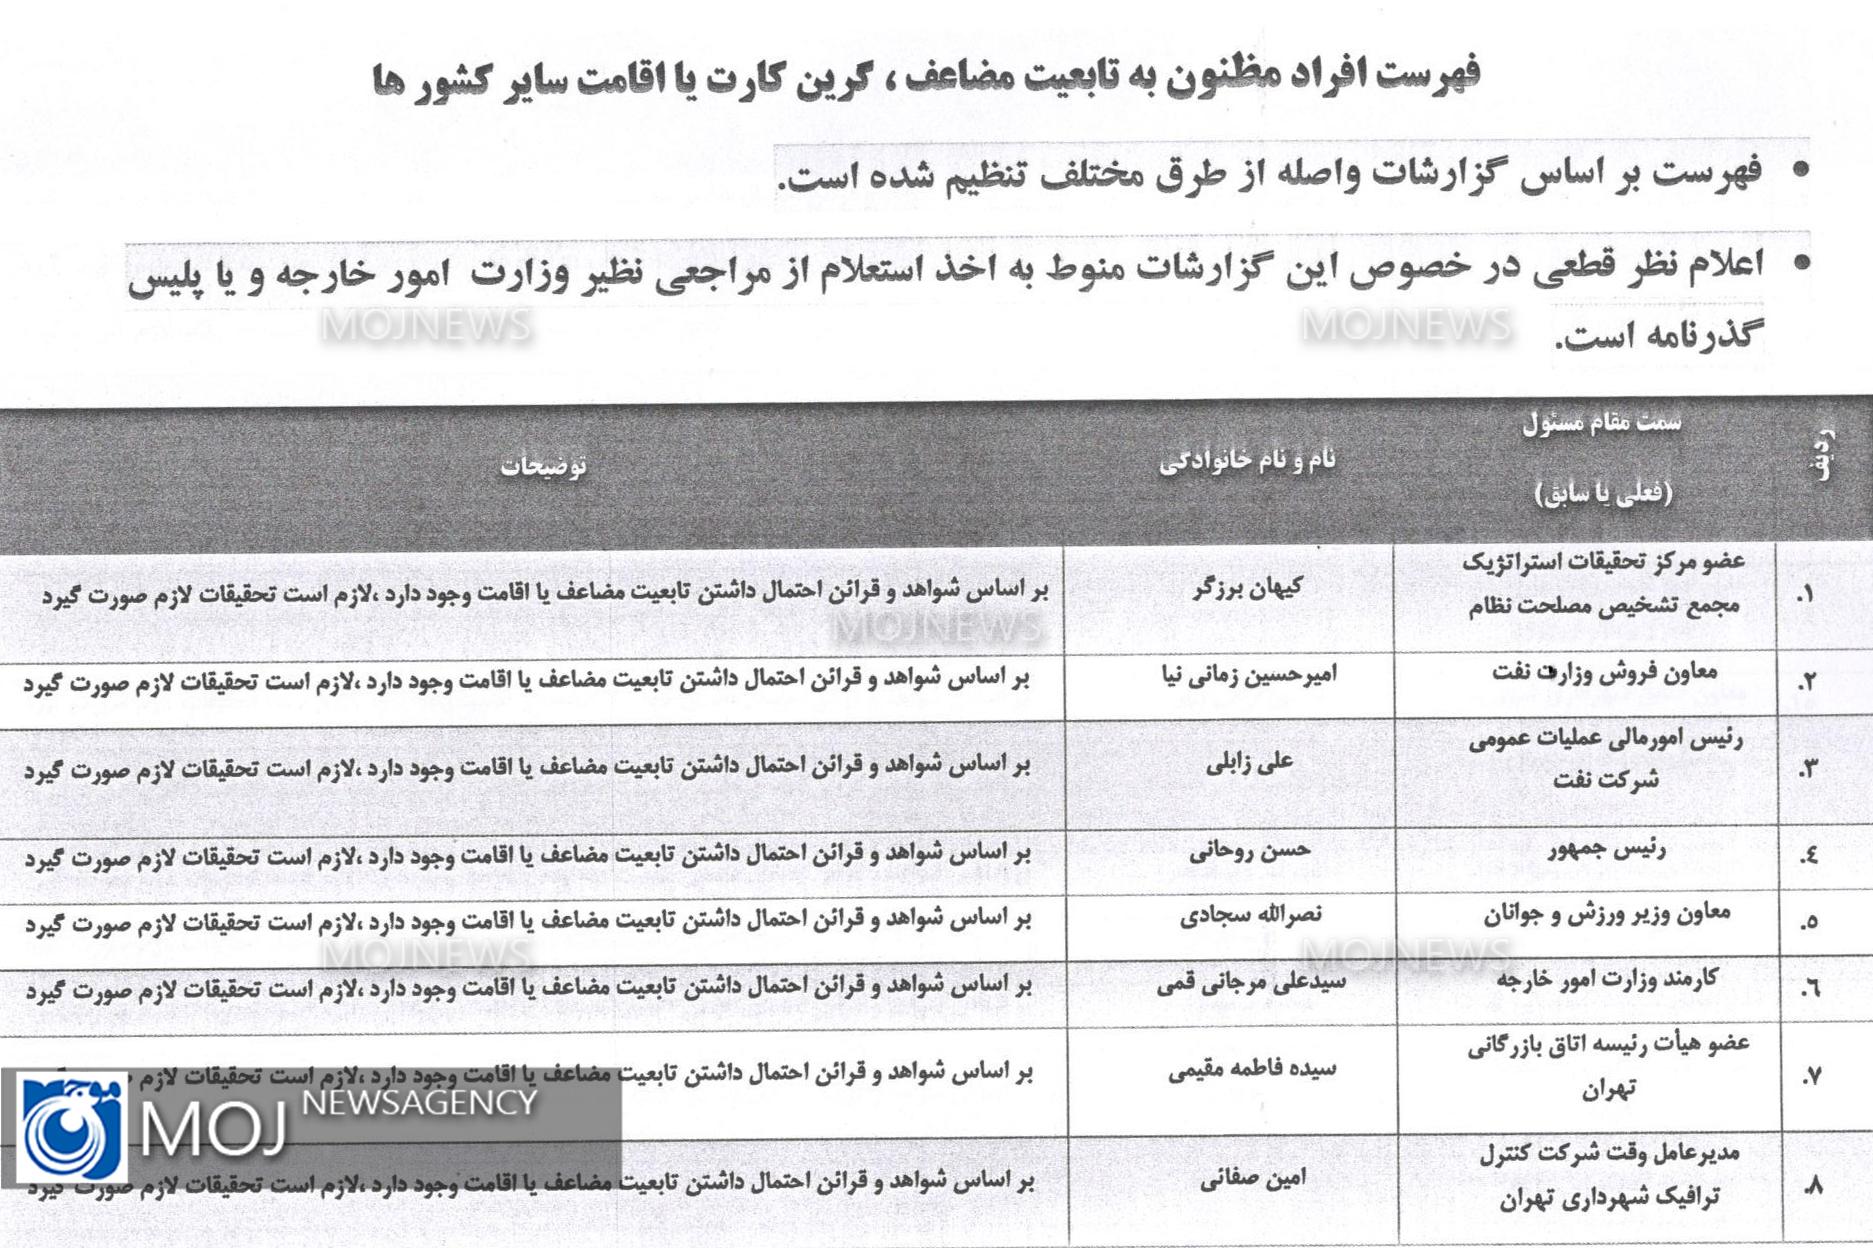 لیست افراد دو تابعیتی بر اساس شواهد و قرائن 1